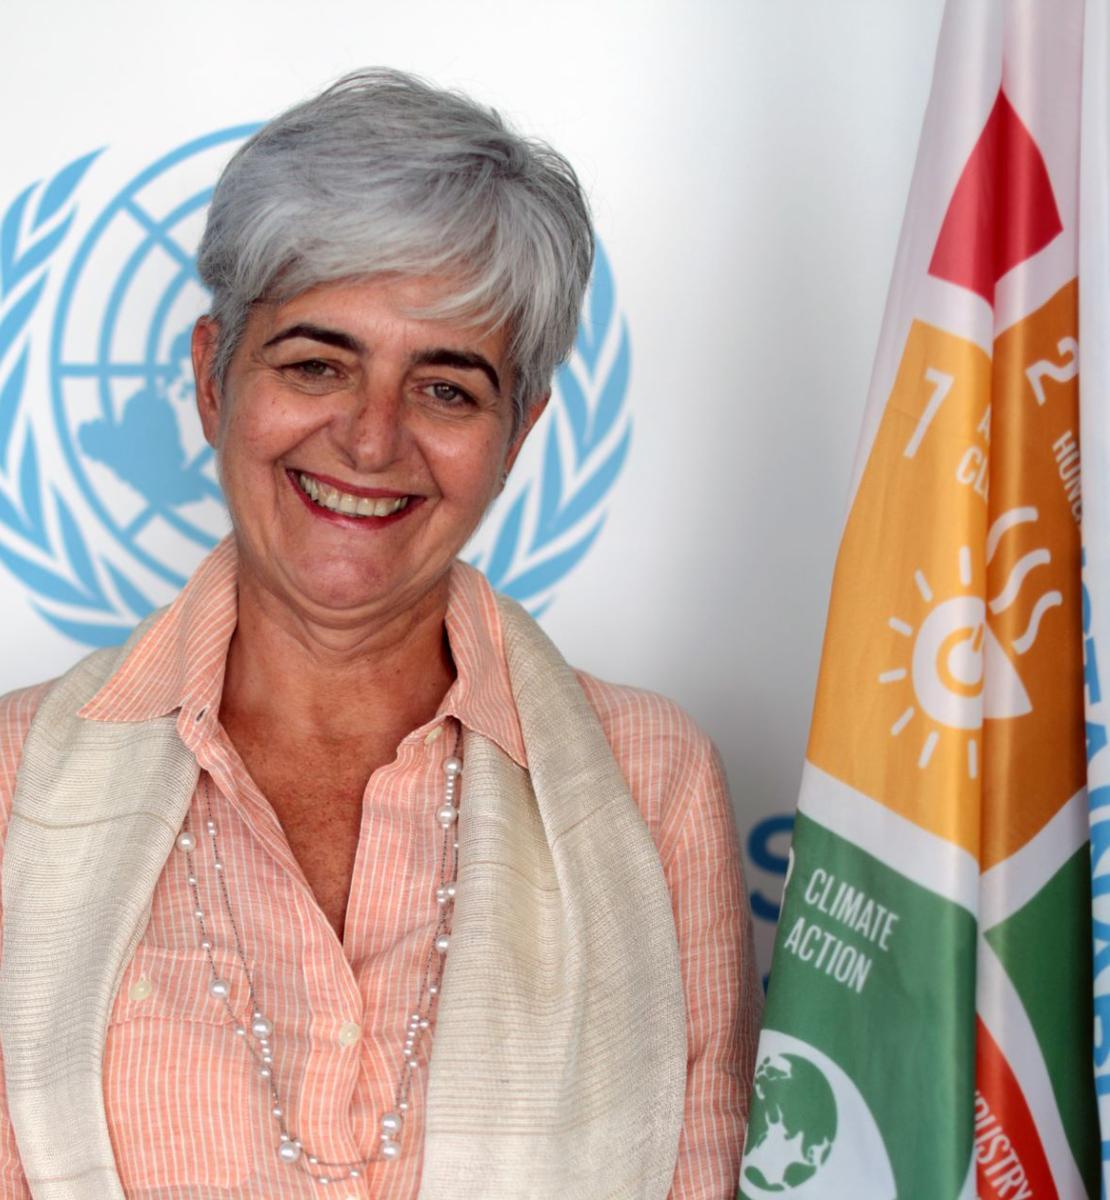 一名女性在联合国可持续发展目标旗帜和联合国标志前对镜头微笑。